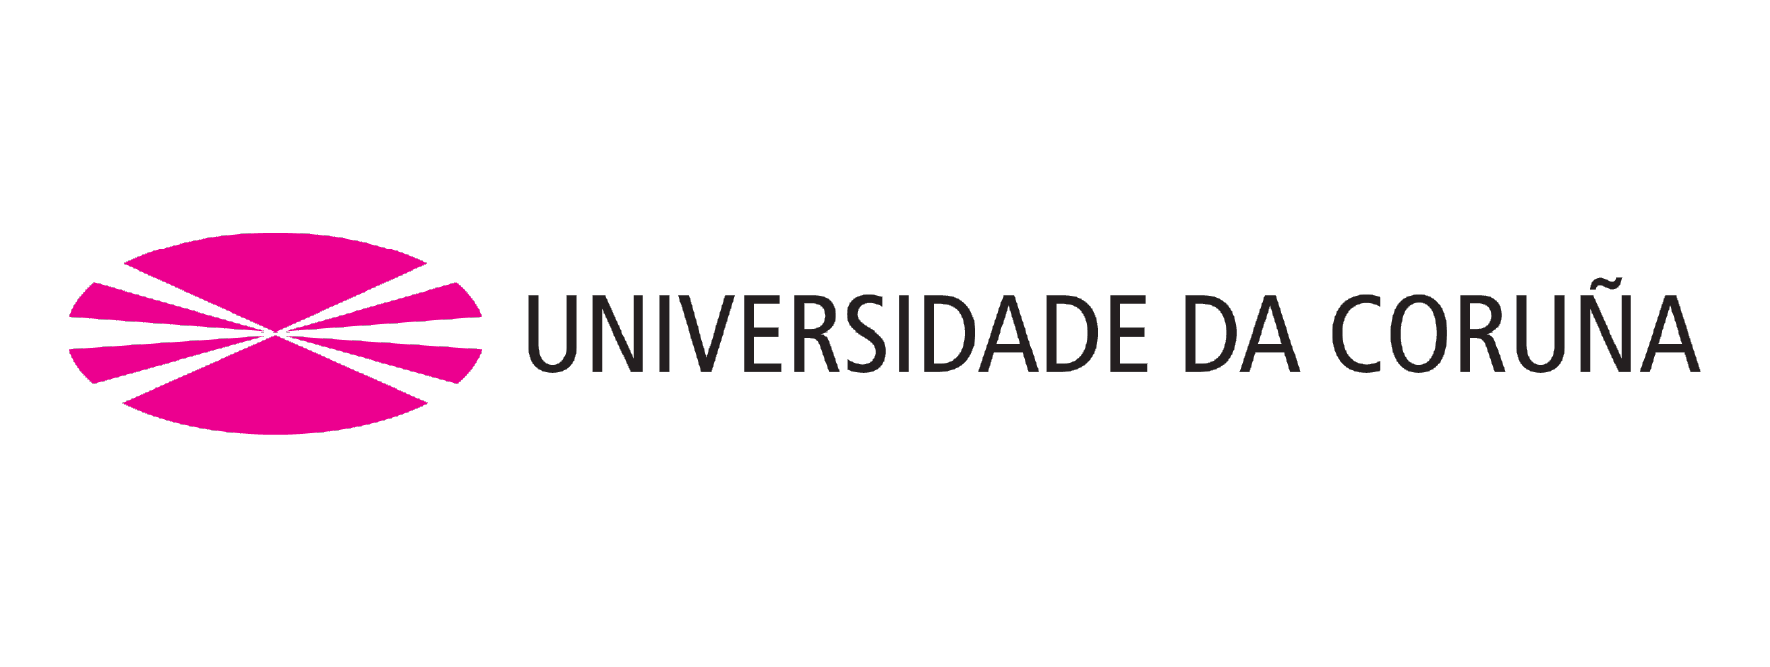 Universidade da Coruña logo